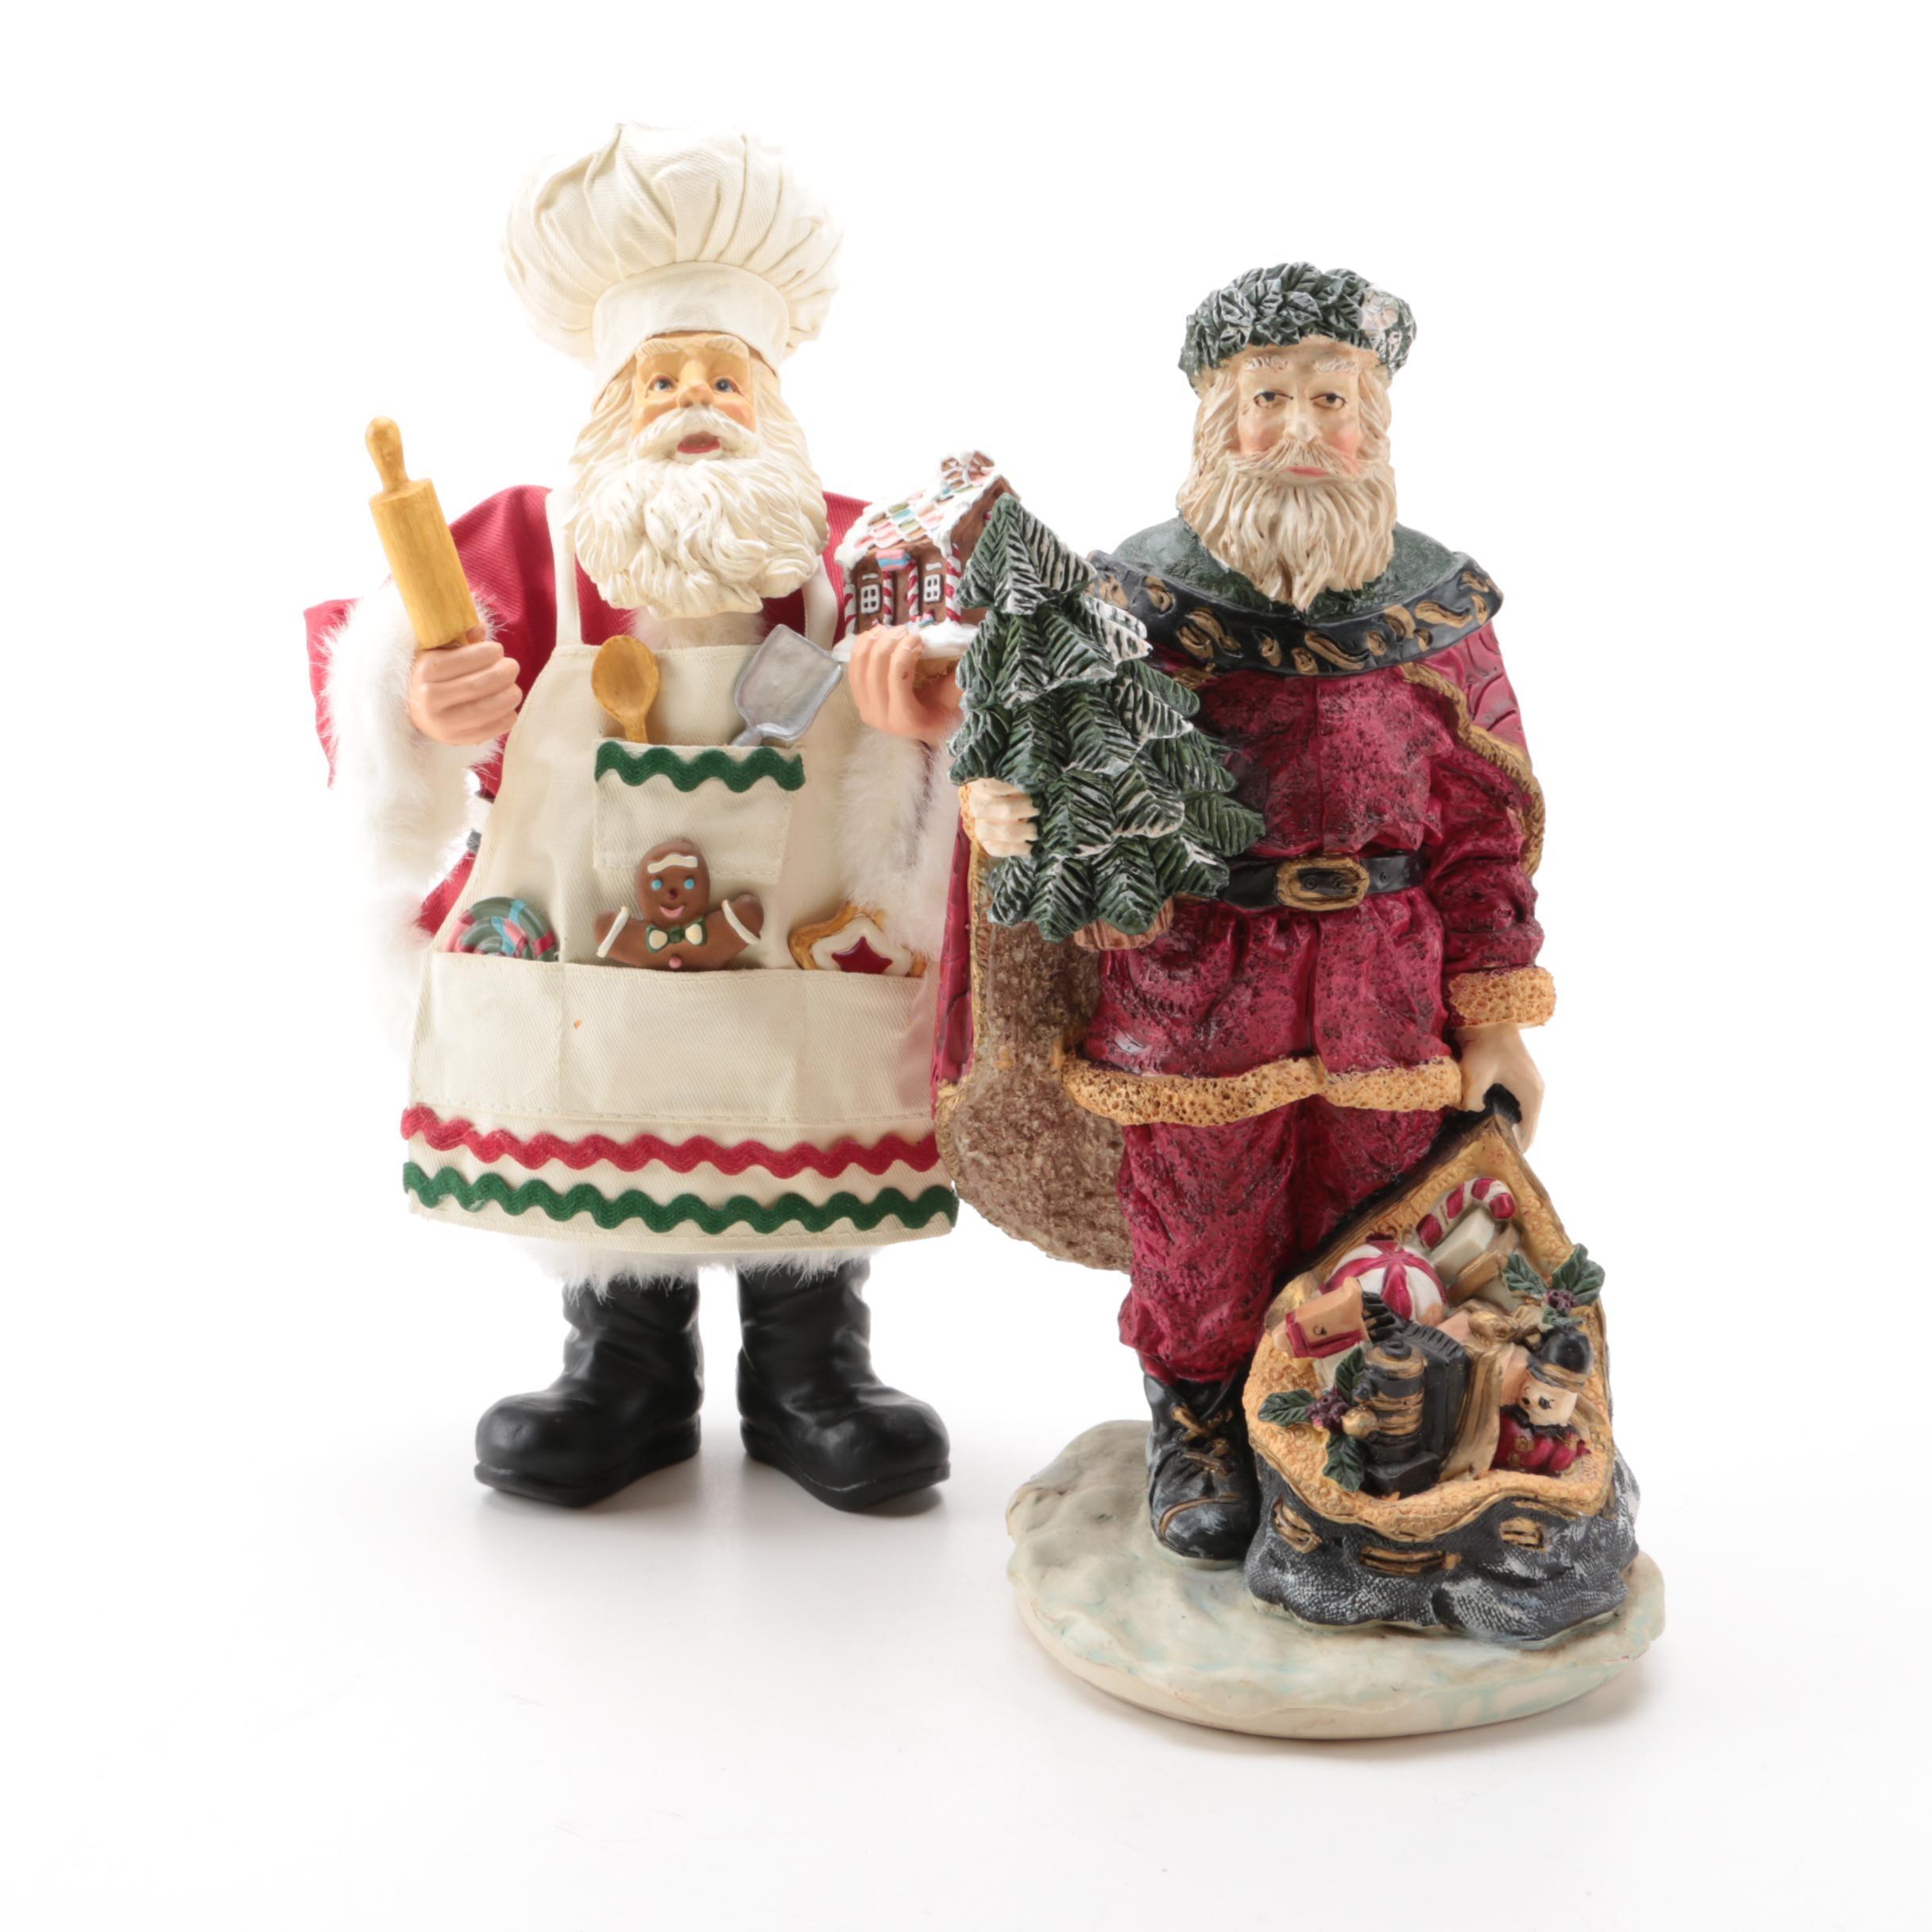 Santa Claus Figurines